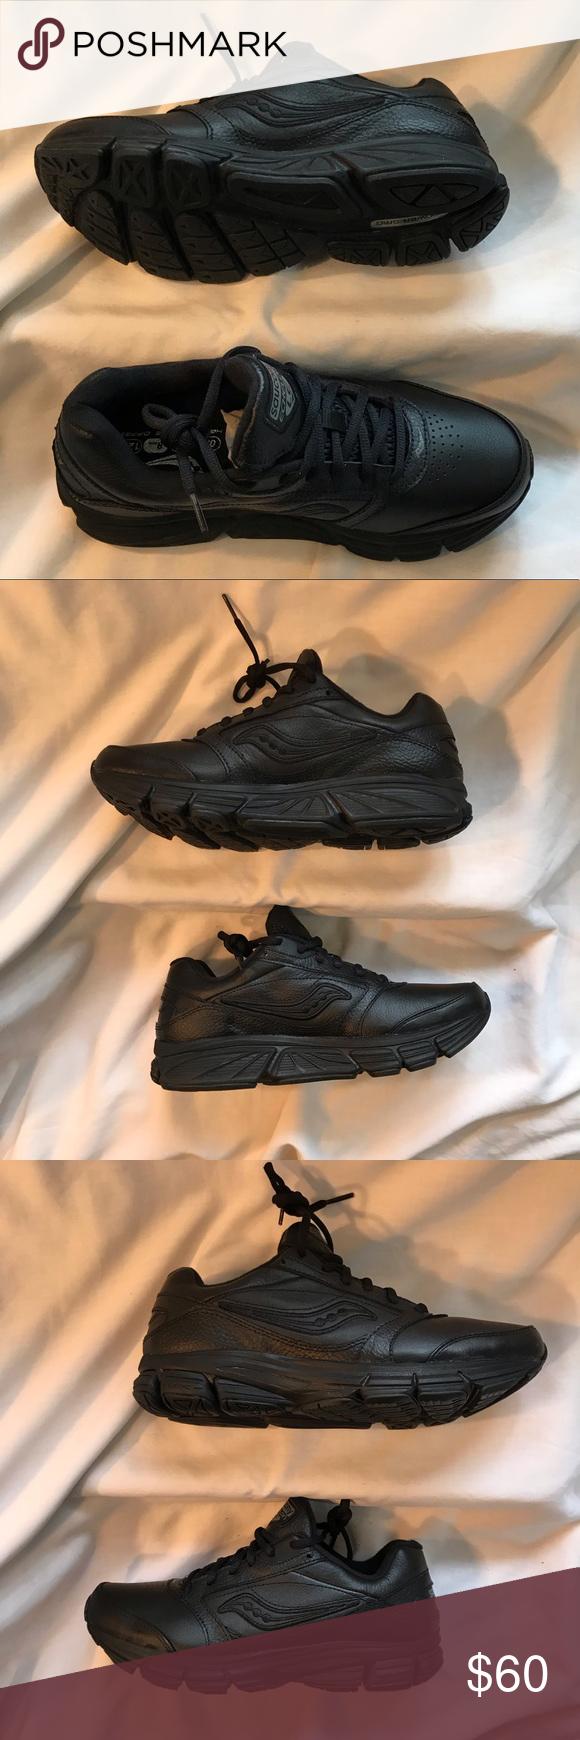 Saucony Progrid Echelon LE2 shoes